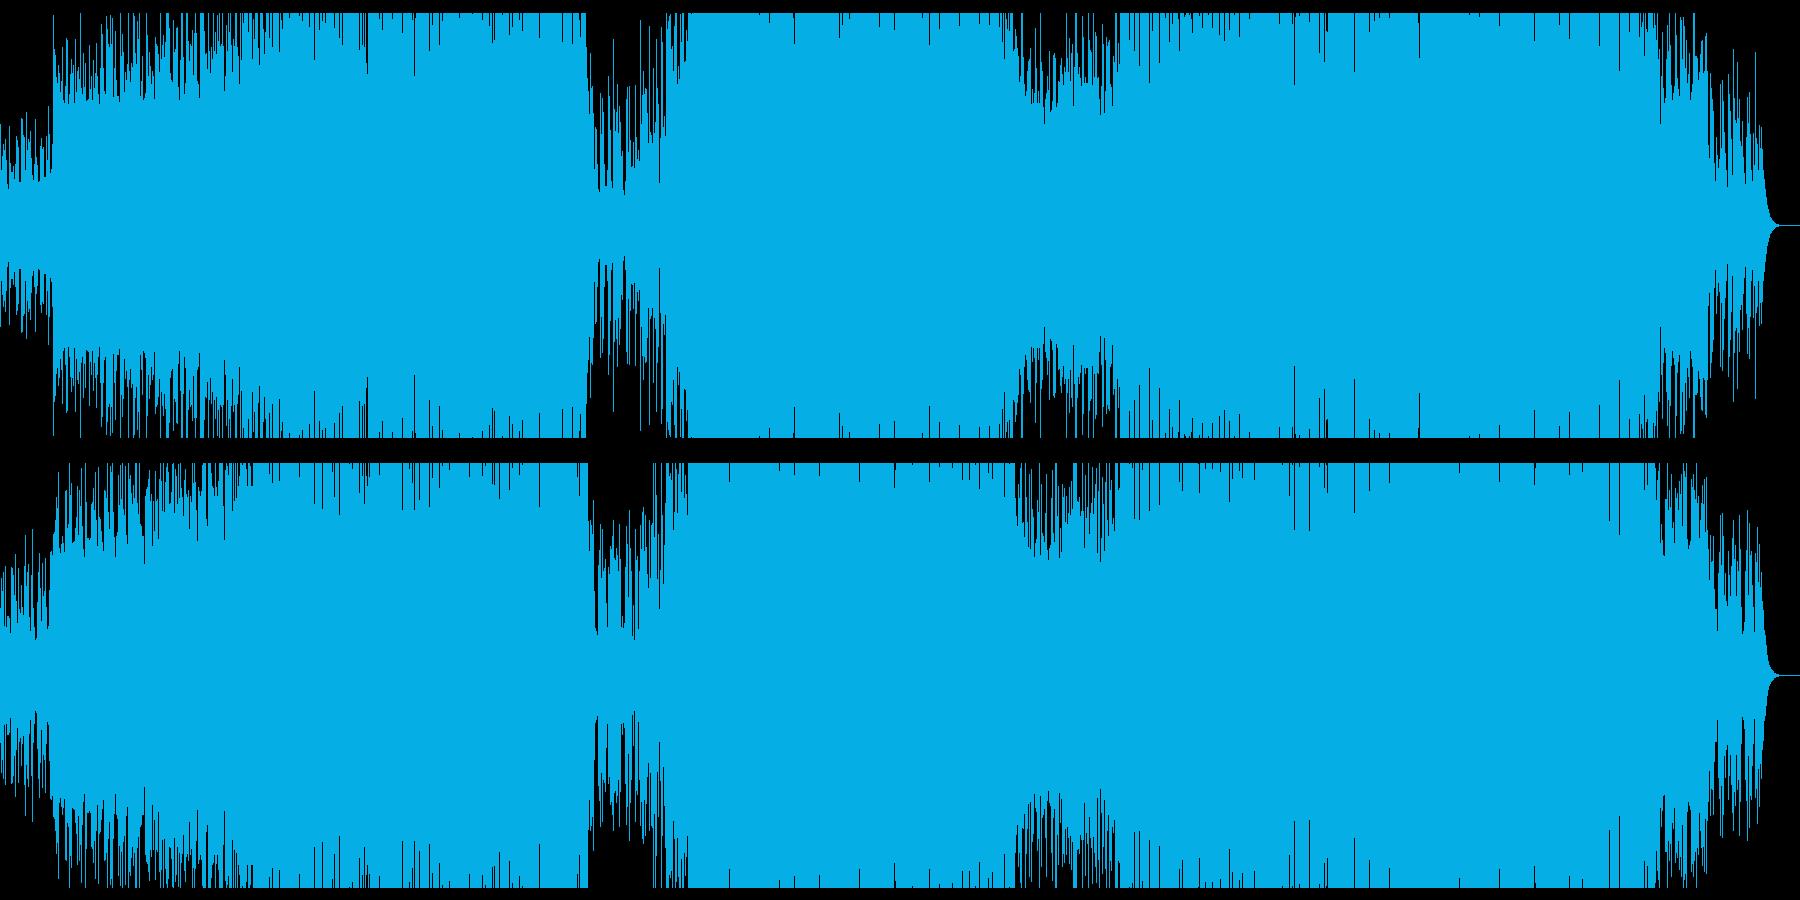 哀愁感の在るハウスミュージック。の再生済みの波形